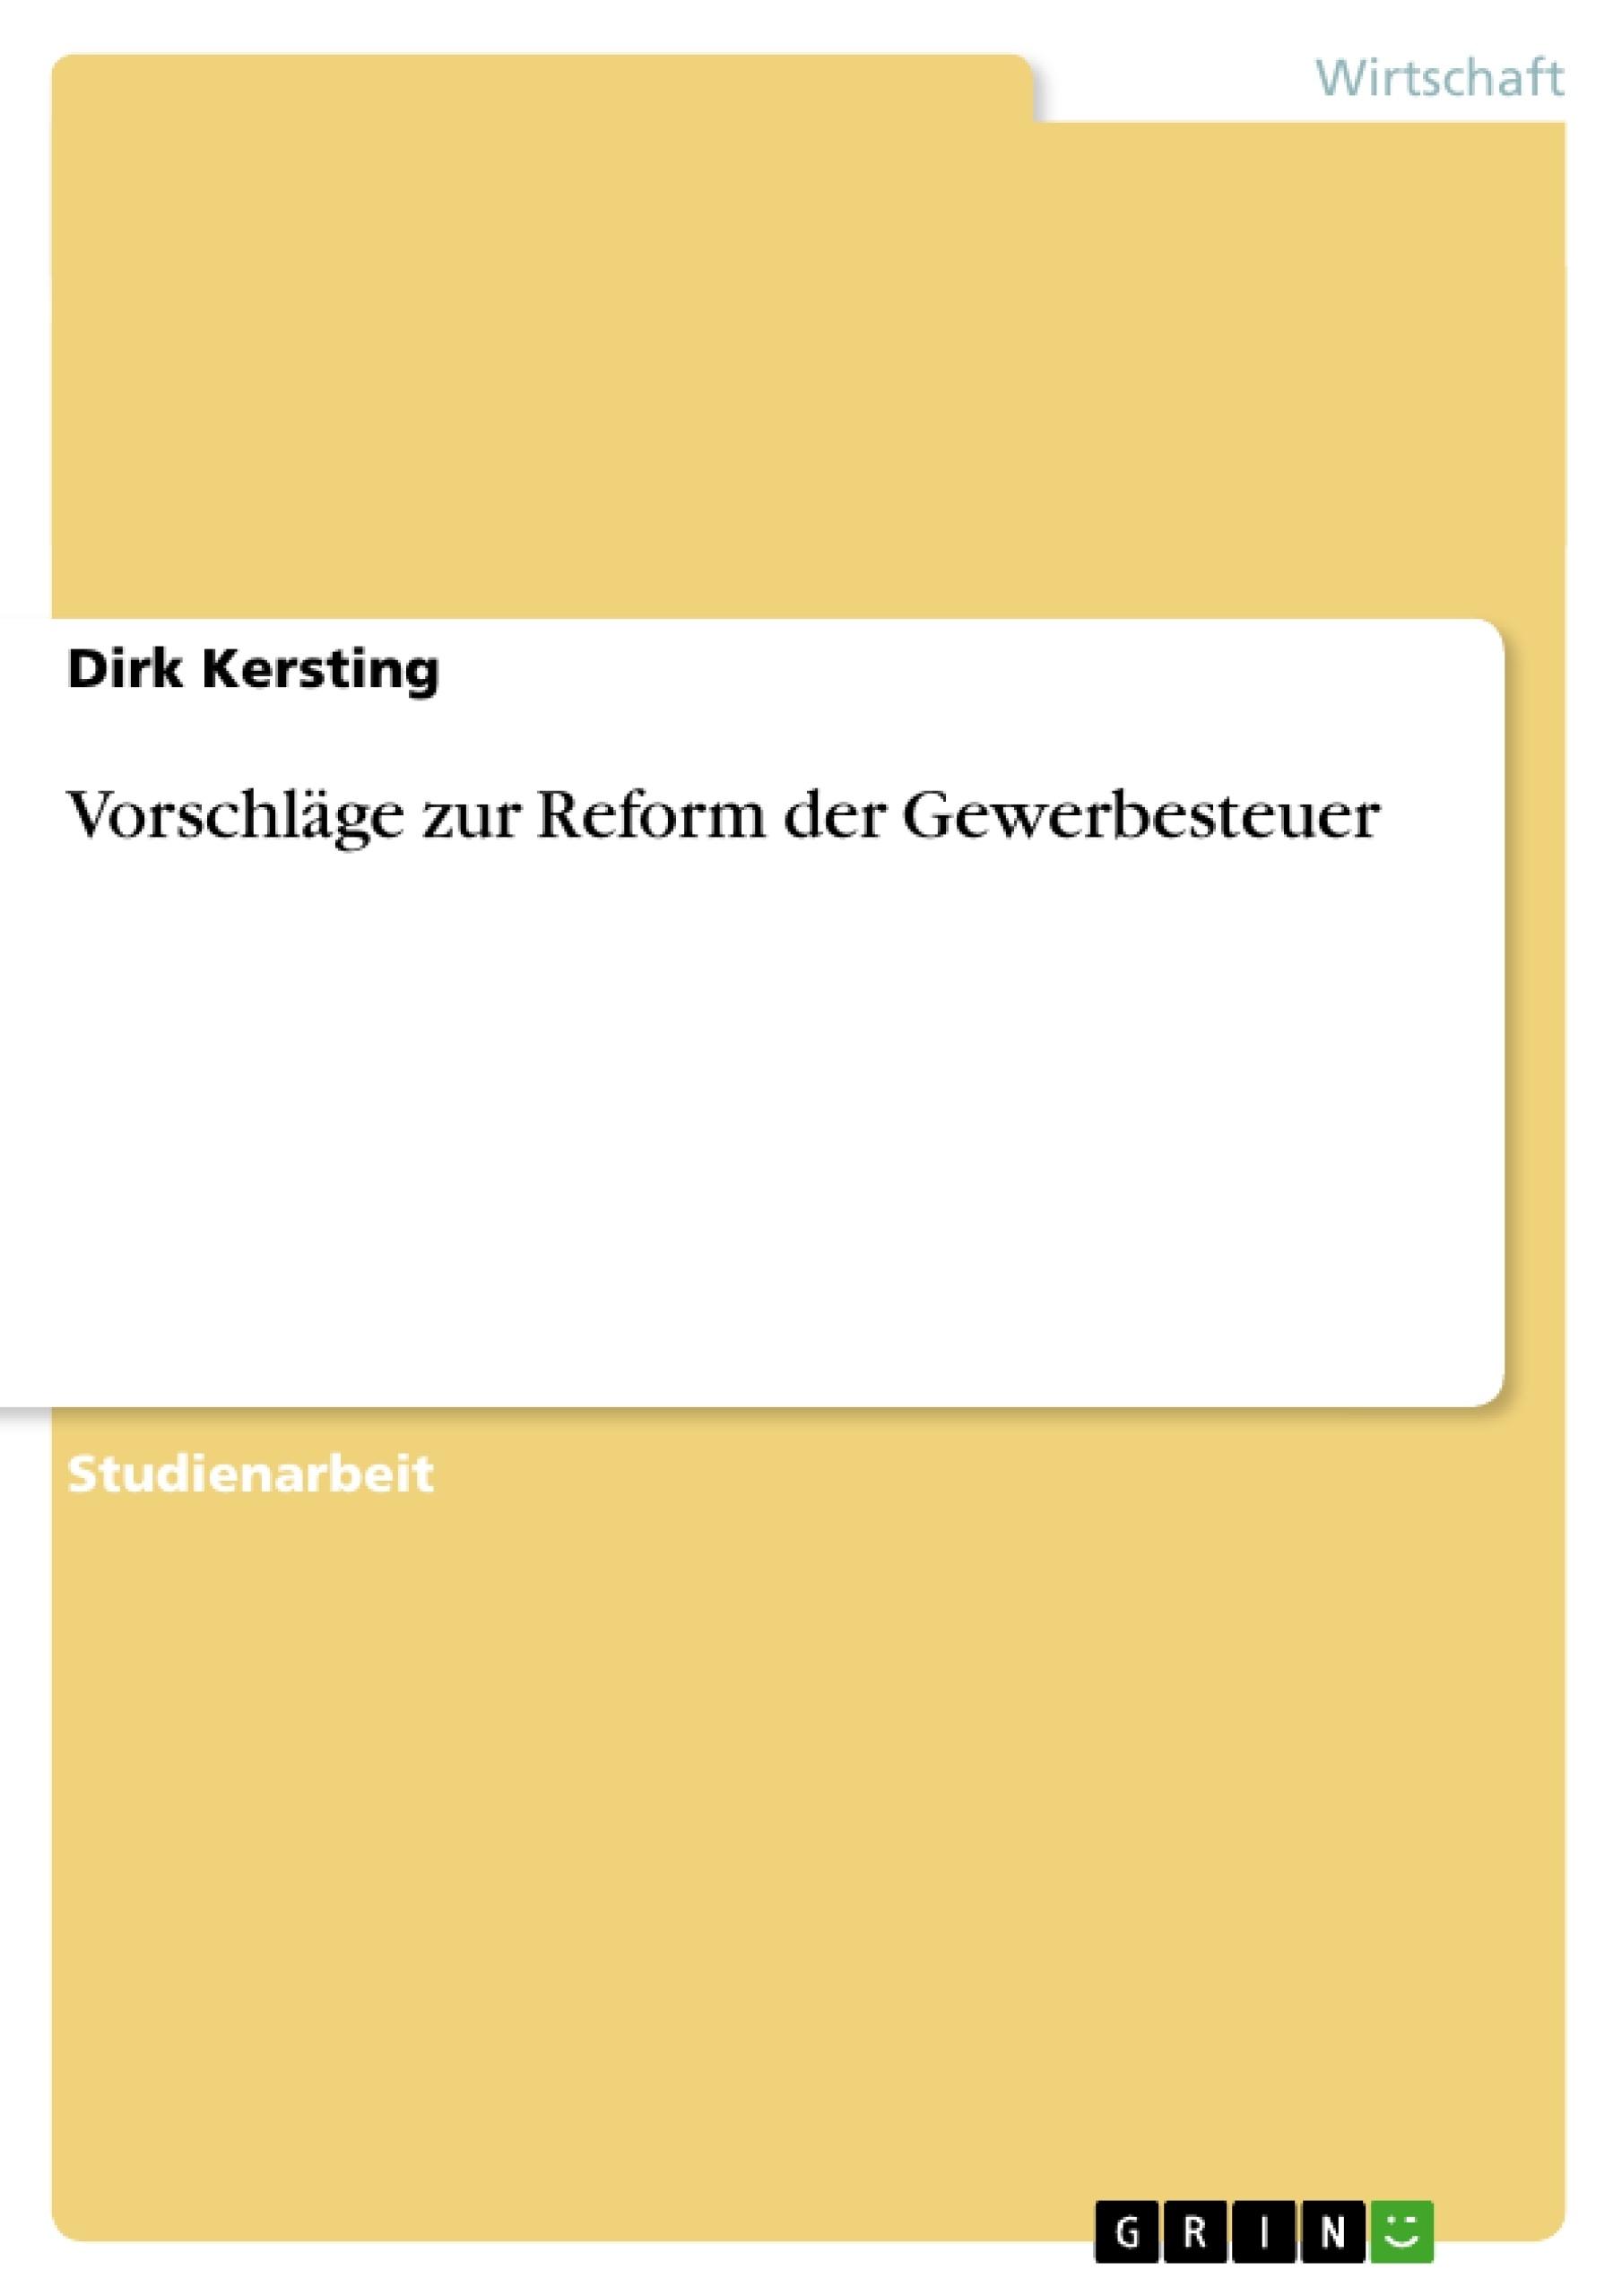 Titel: Vorschläge zur Reform der Gewerbesteuer